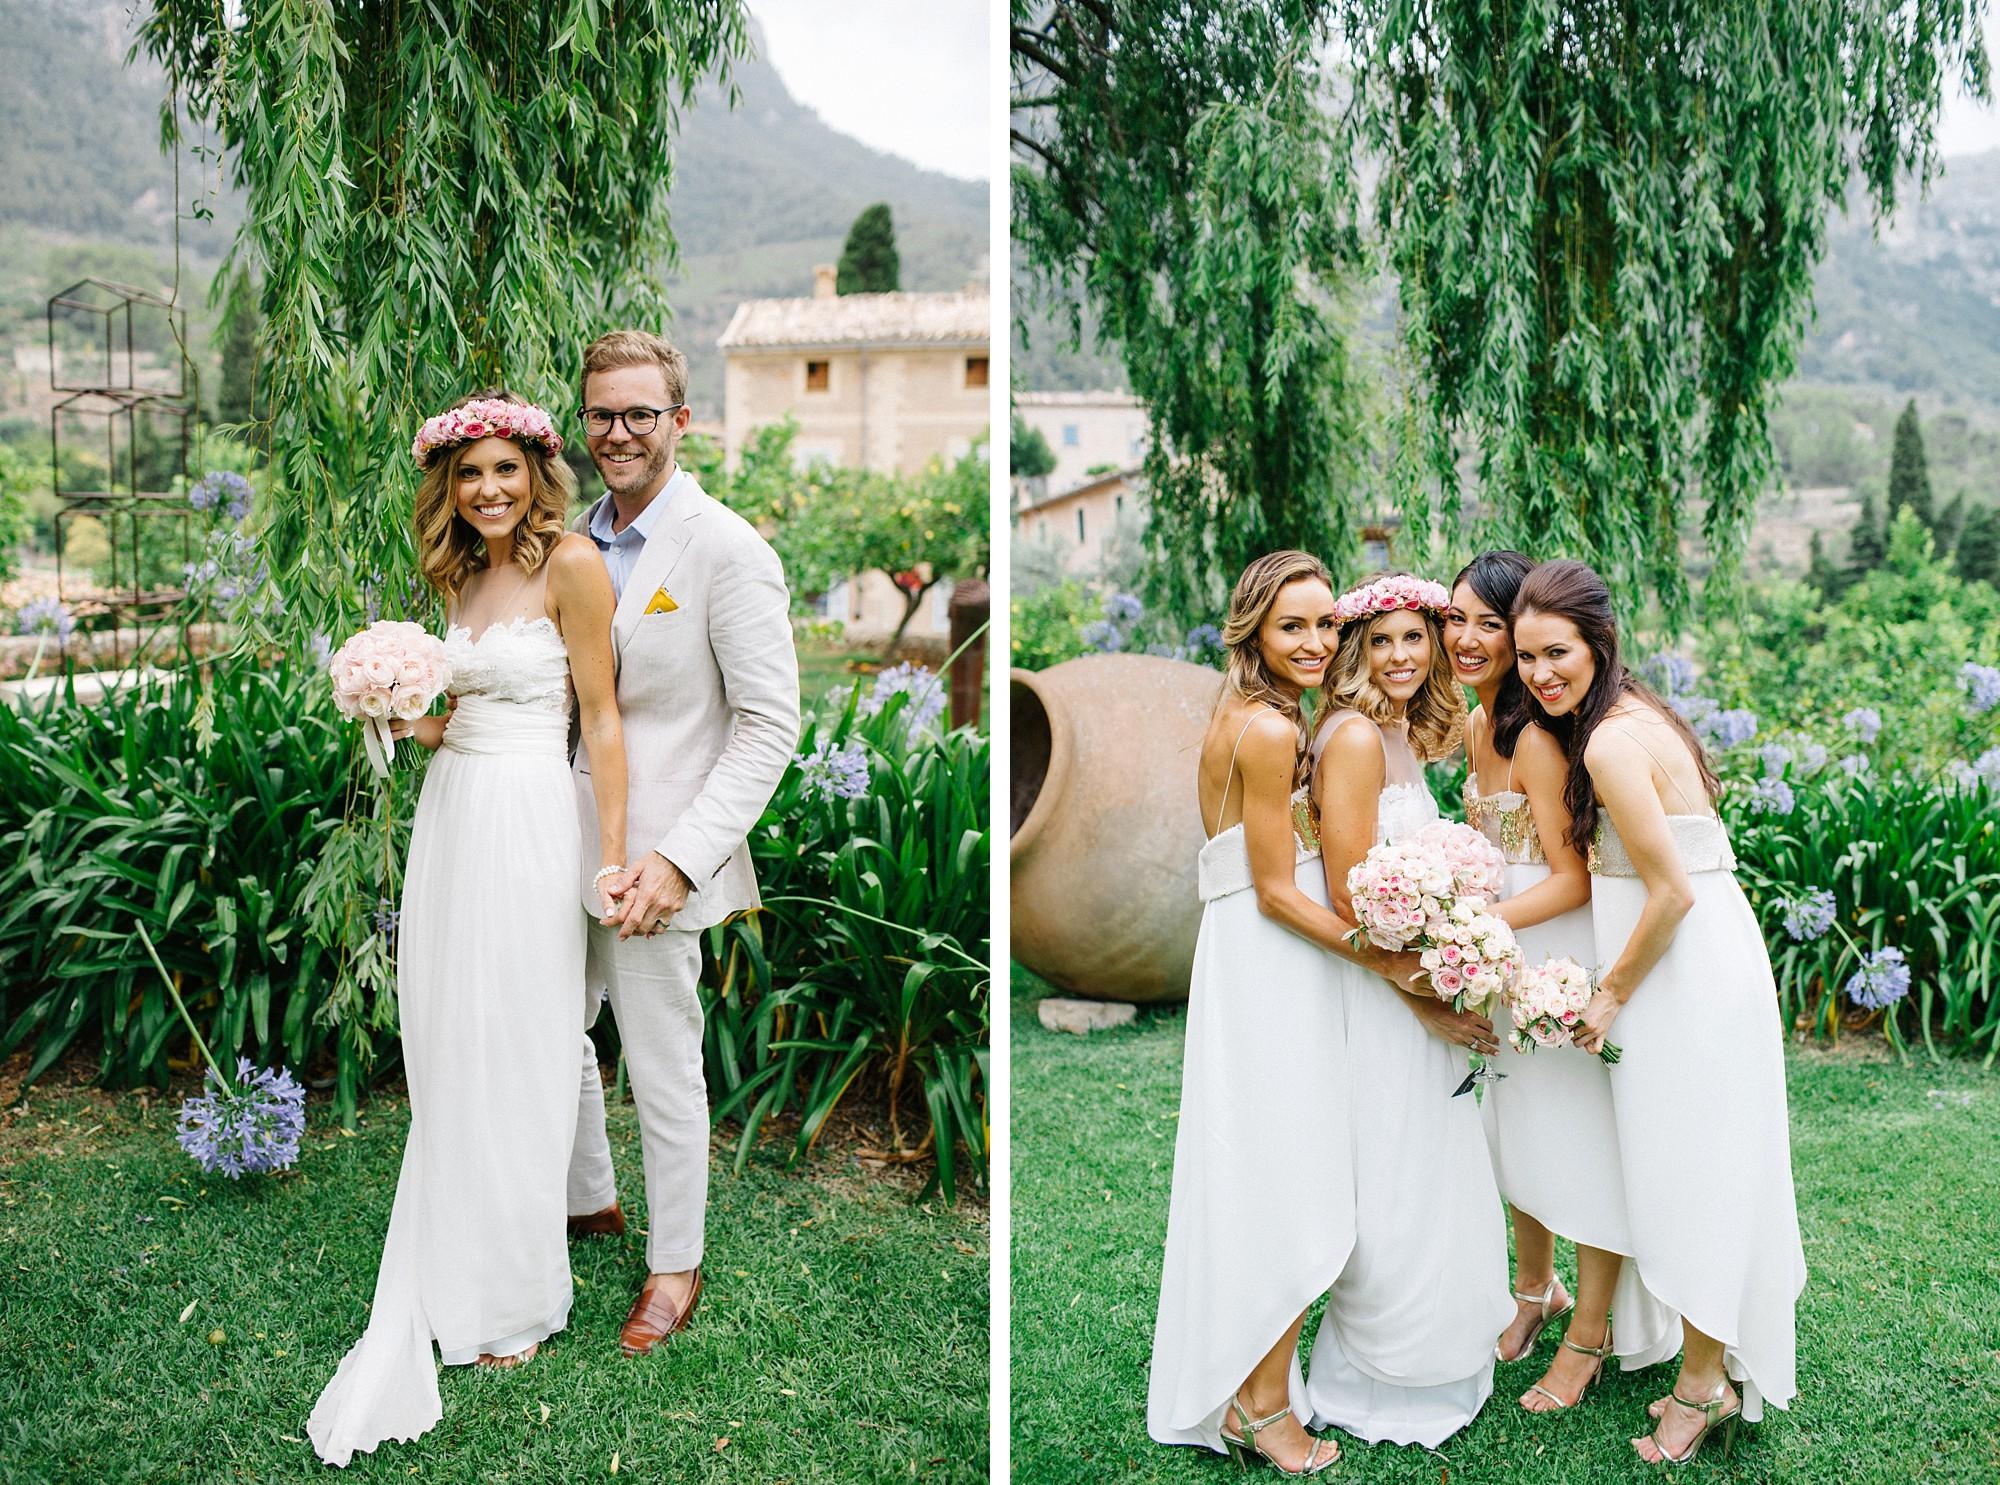 fotografos de boda en valencia barcelona mallorca wedding photographer116.jpg